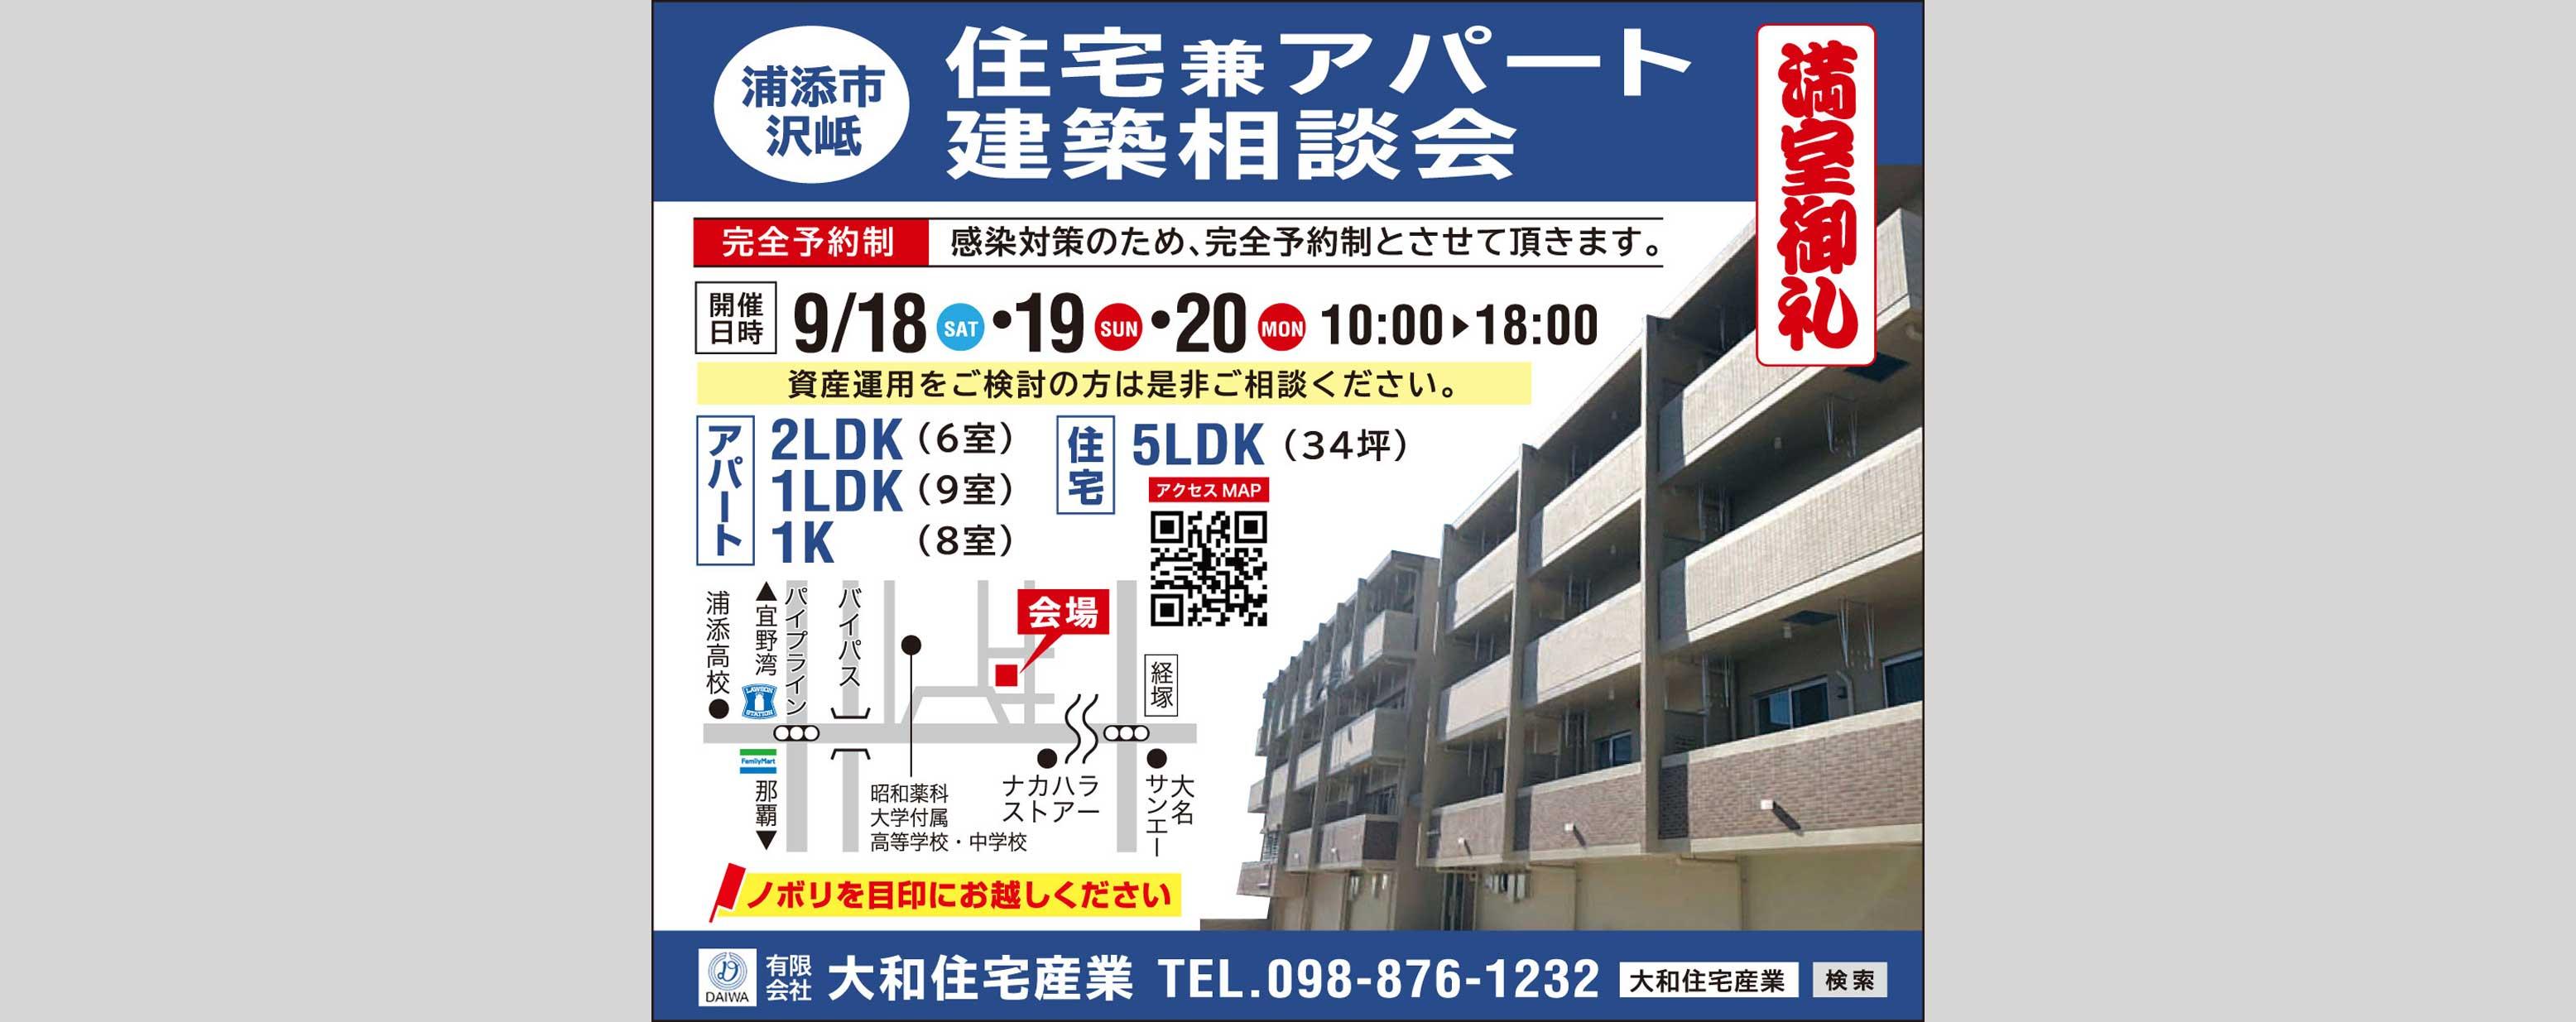 9/18~20に大和住宅産業が浦添市沢岻で住宅兼アパートの建築相談会